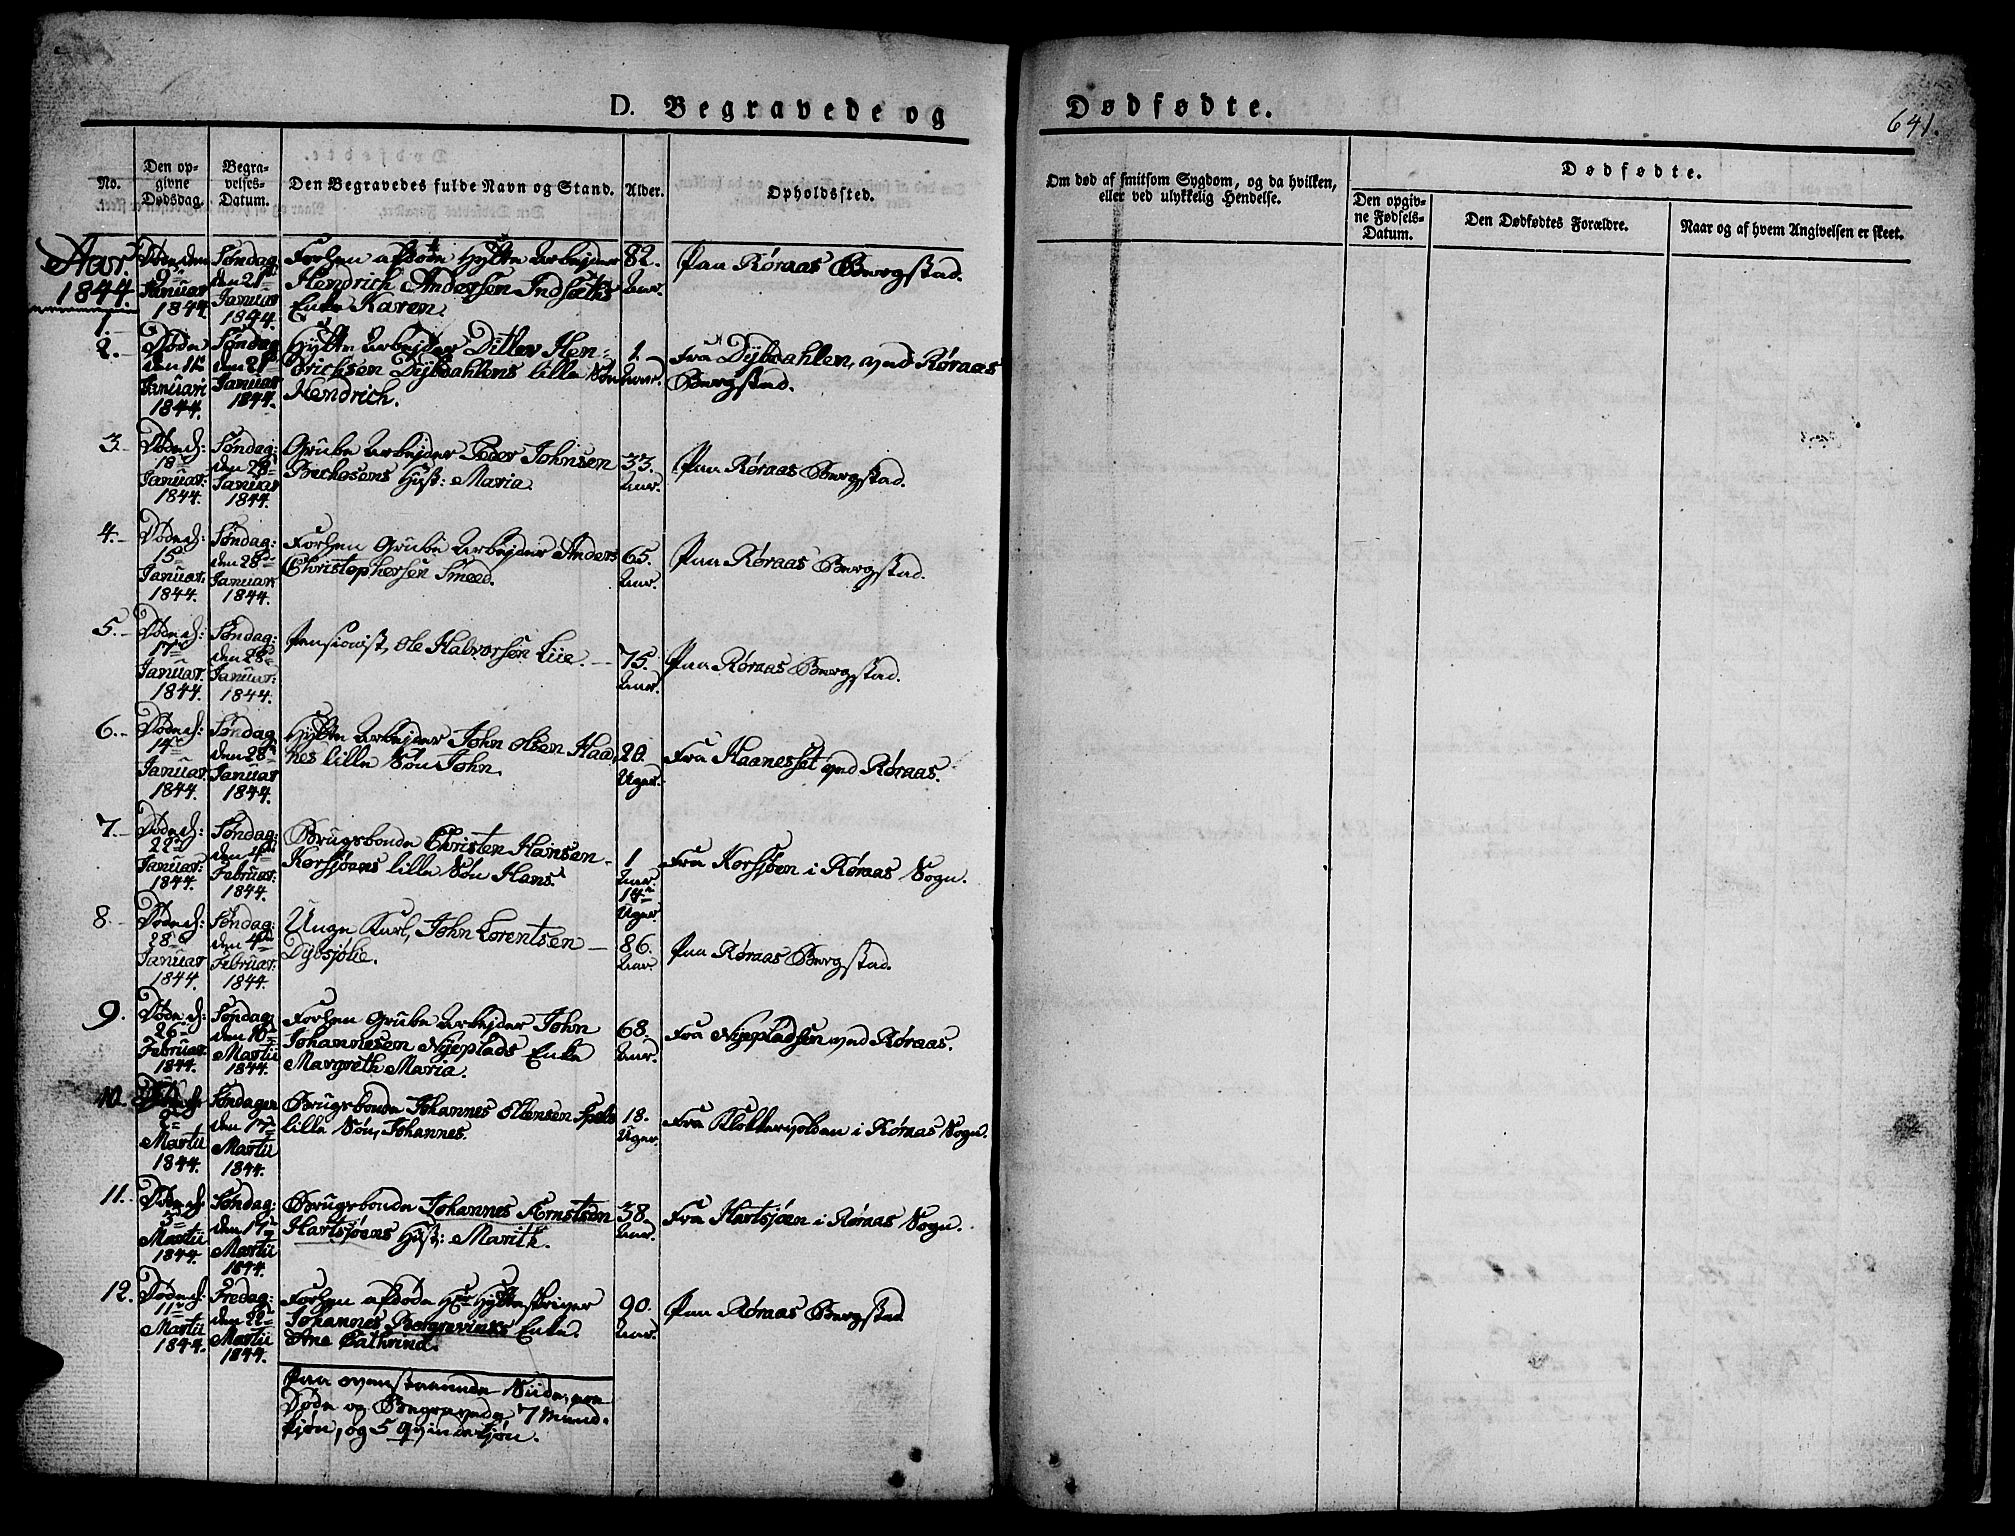 SAT, Ministerialprotokoller, klokkerbøker og fødselsregistre - Sør-Trøndelag, 681/L0939: Klokkerbok nr. 681C03, 1829-1855, s. 641